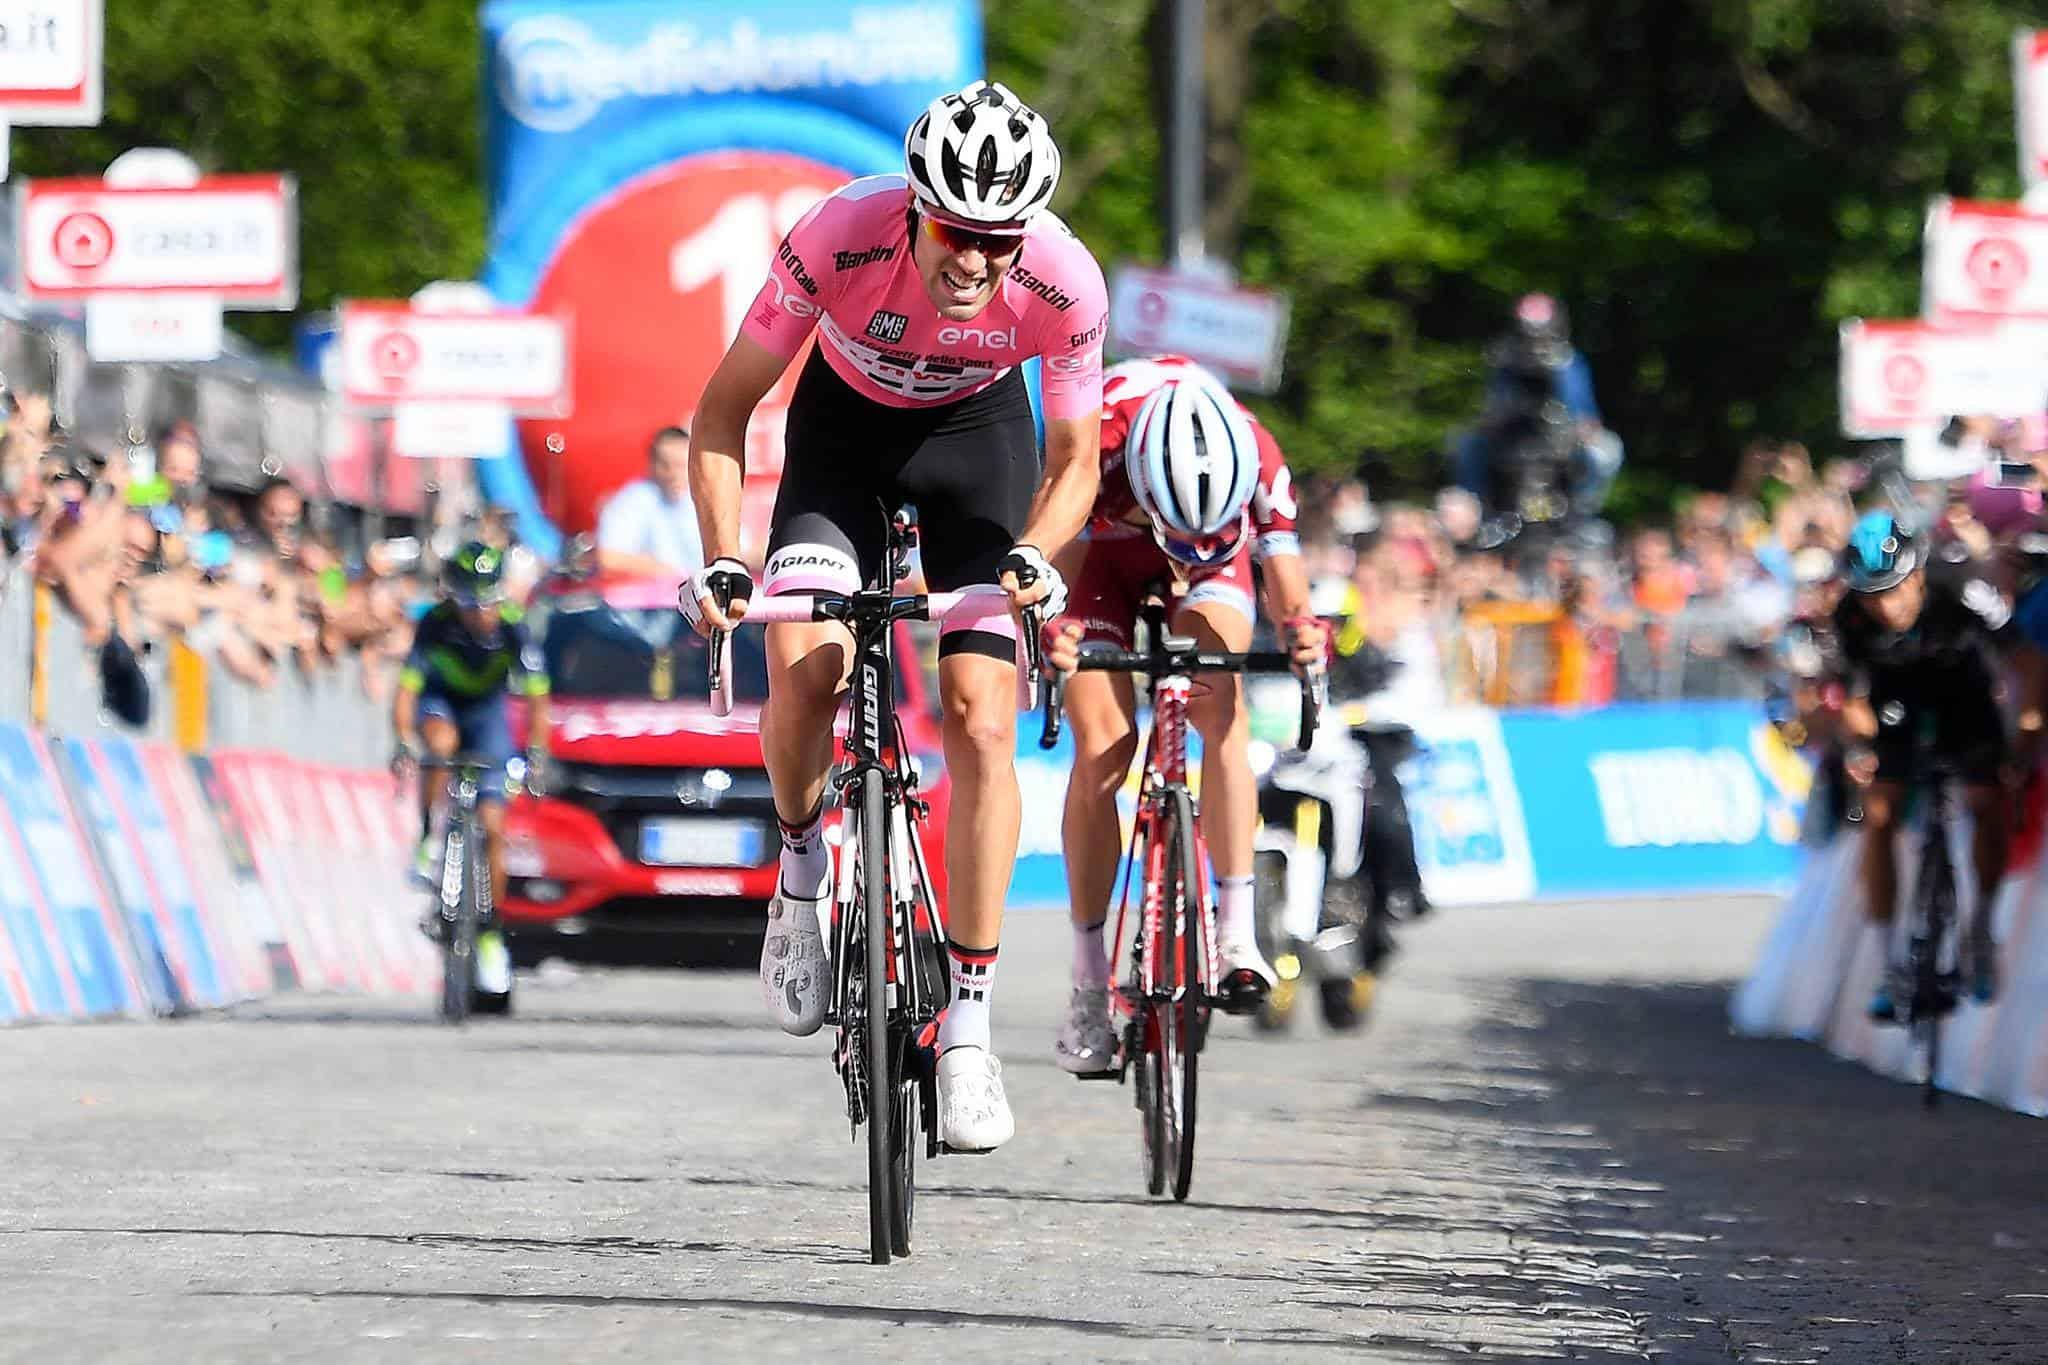 Giro d'Italia, 14° Tappa: Domoulin fa il fenomeno ad Oropa, anche Quintana si arrende